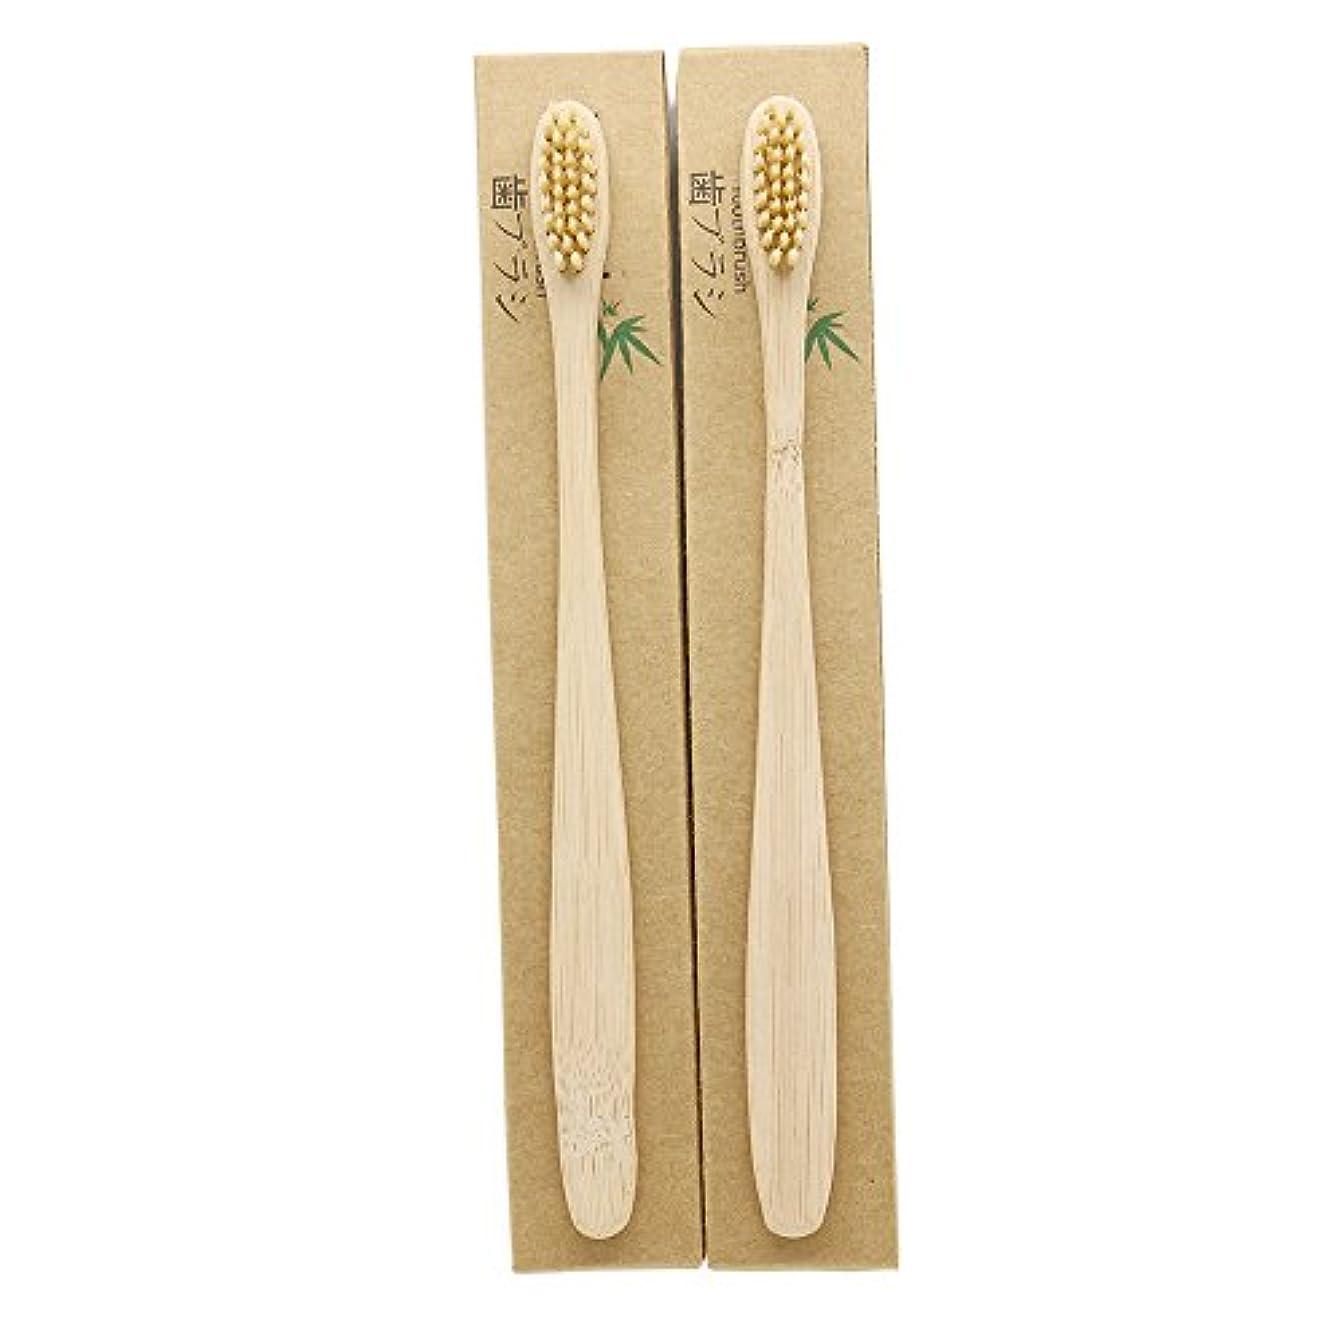 段階天気シェードN-amboo 竹製耐久度高い 歯ブラシ 2本入り セット エコ ヘッド小さい クリ—ム色